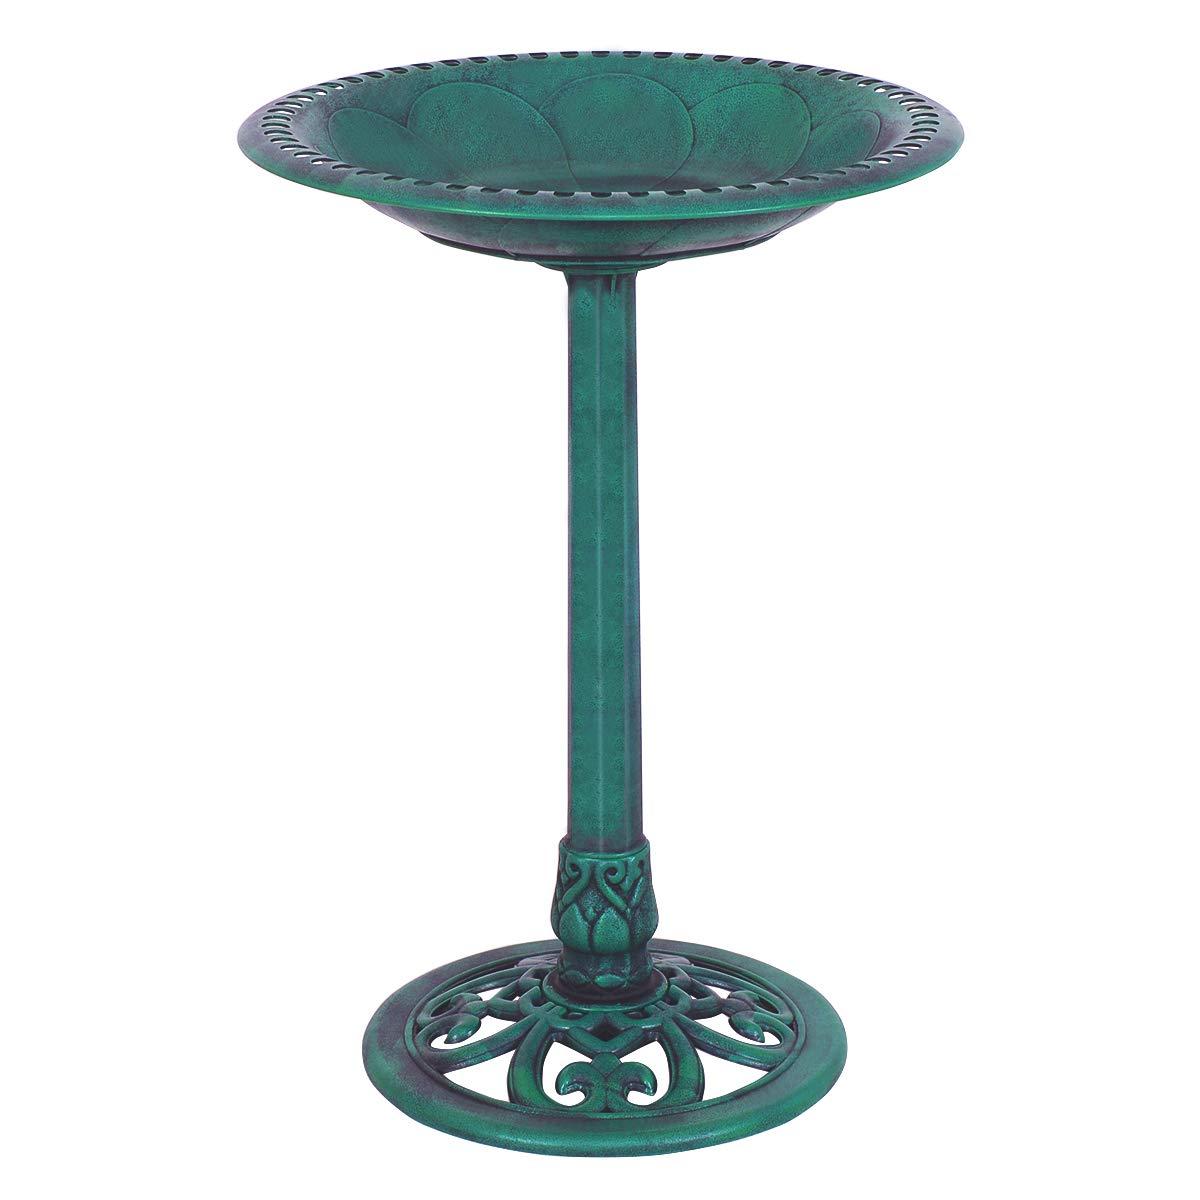 PETSJOY 28'' H Bird Bath Bird Feeder Pedestal, Antique Resin Birdbath for Outdoor Yard or Garden, Freestanding Decoration with Sitting Place, Copper (Antique Green)